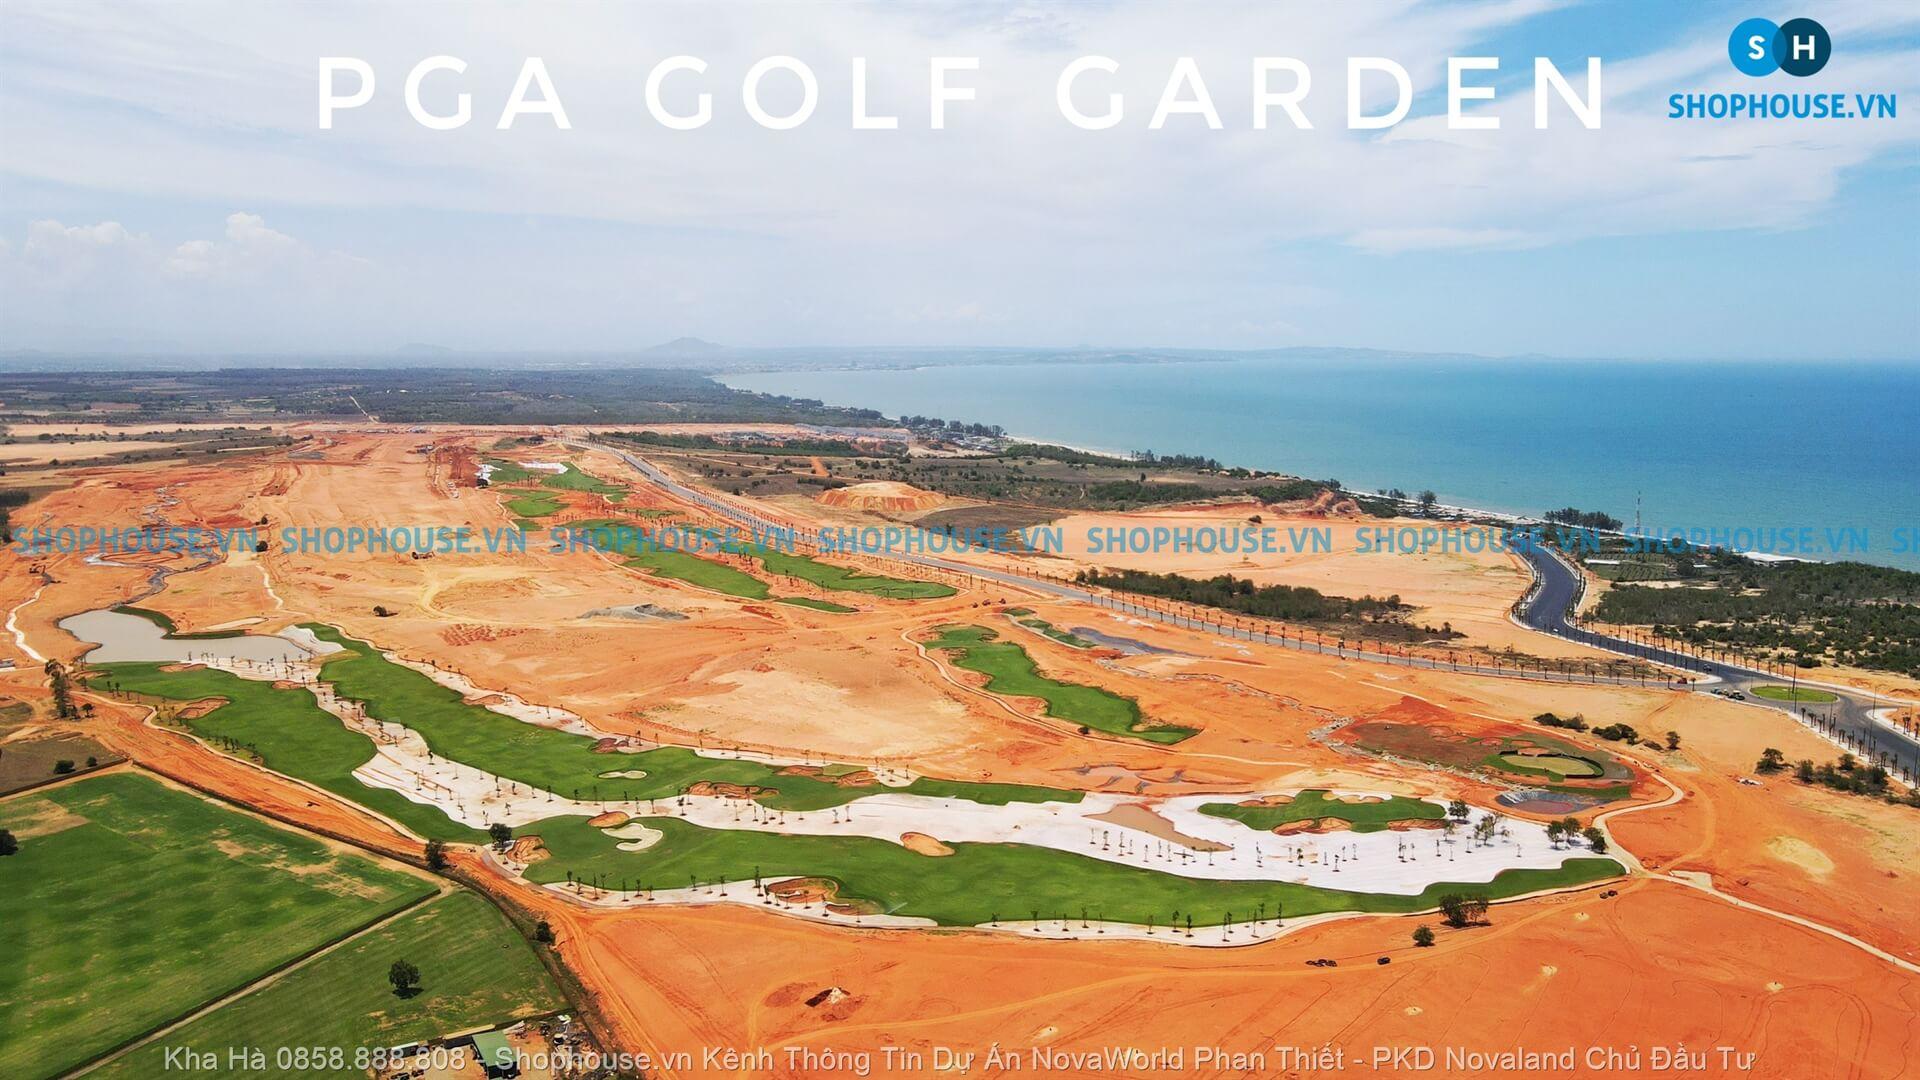 Pga-Golf-Garden-18-hole-xay-dung-05-2021-NovaWorld-Phan-Thiet-update